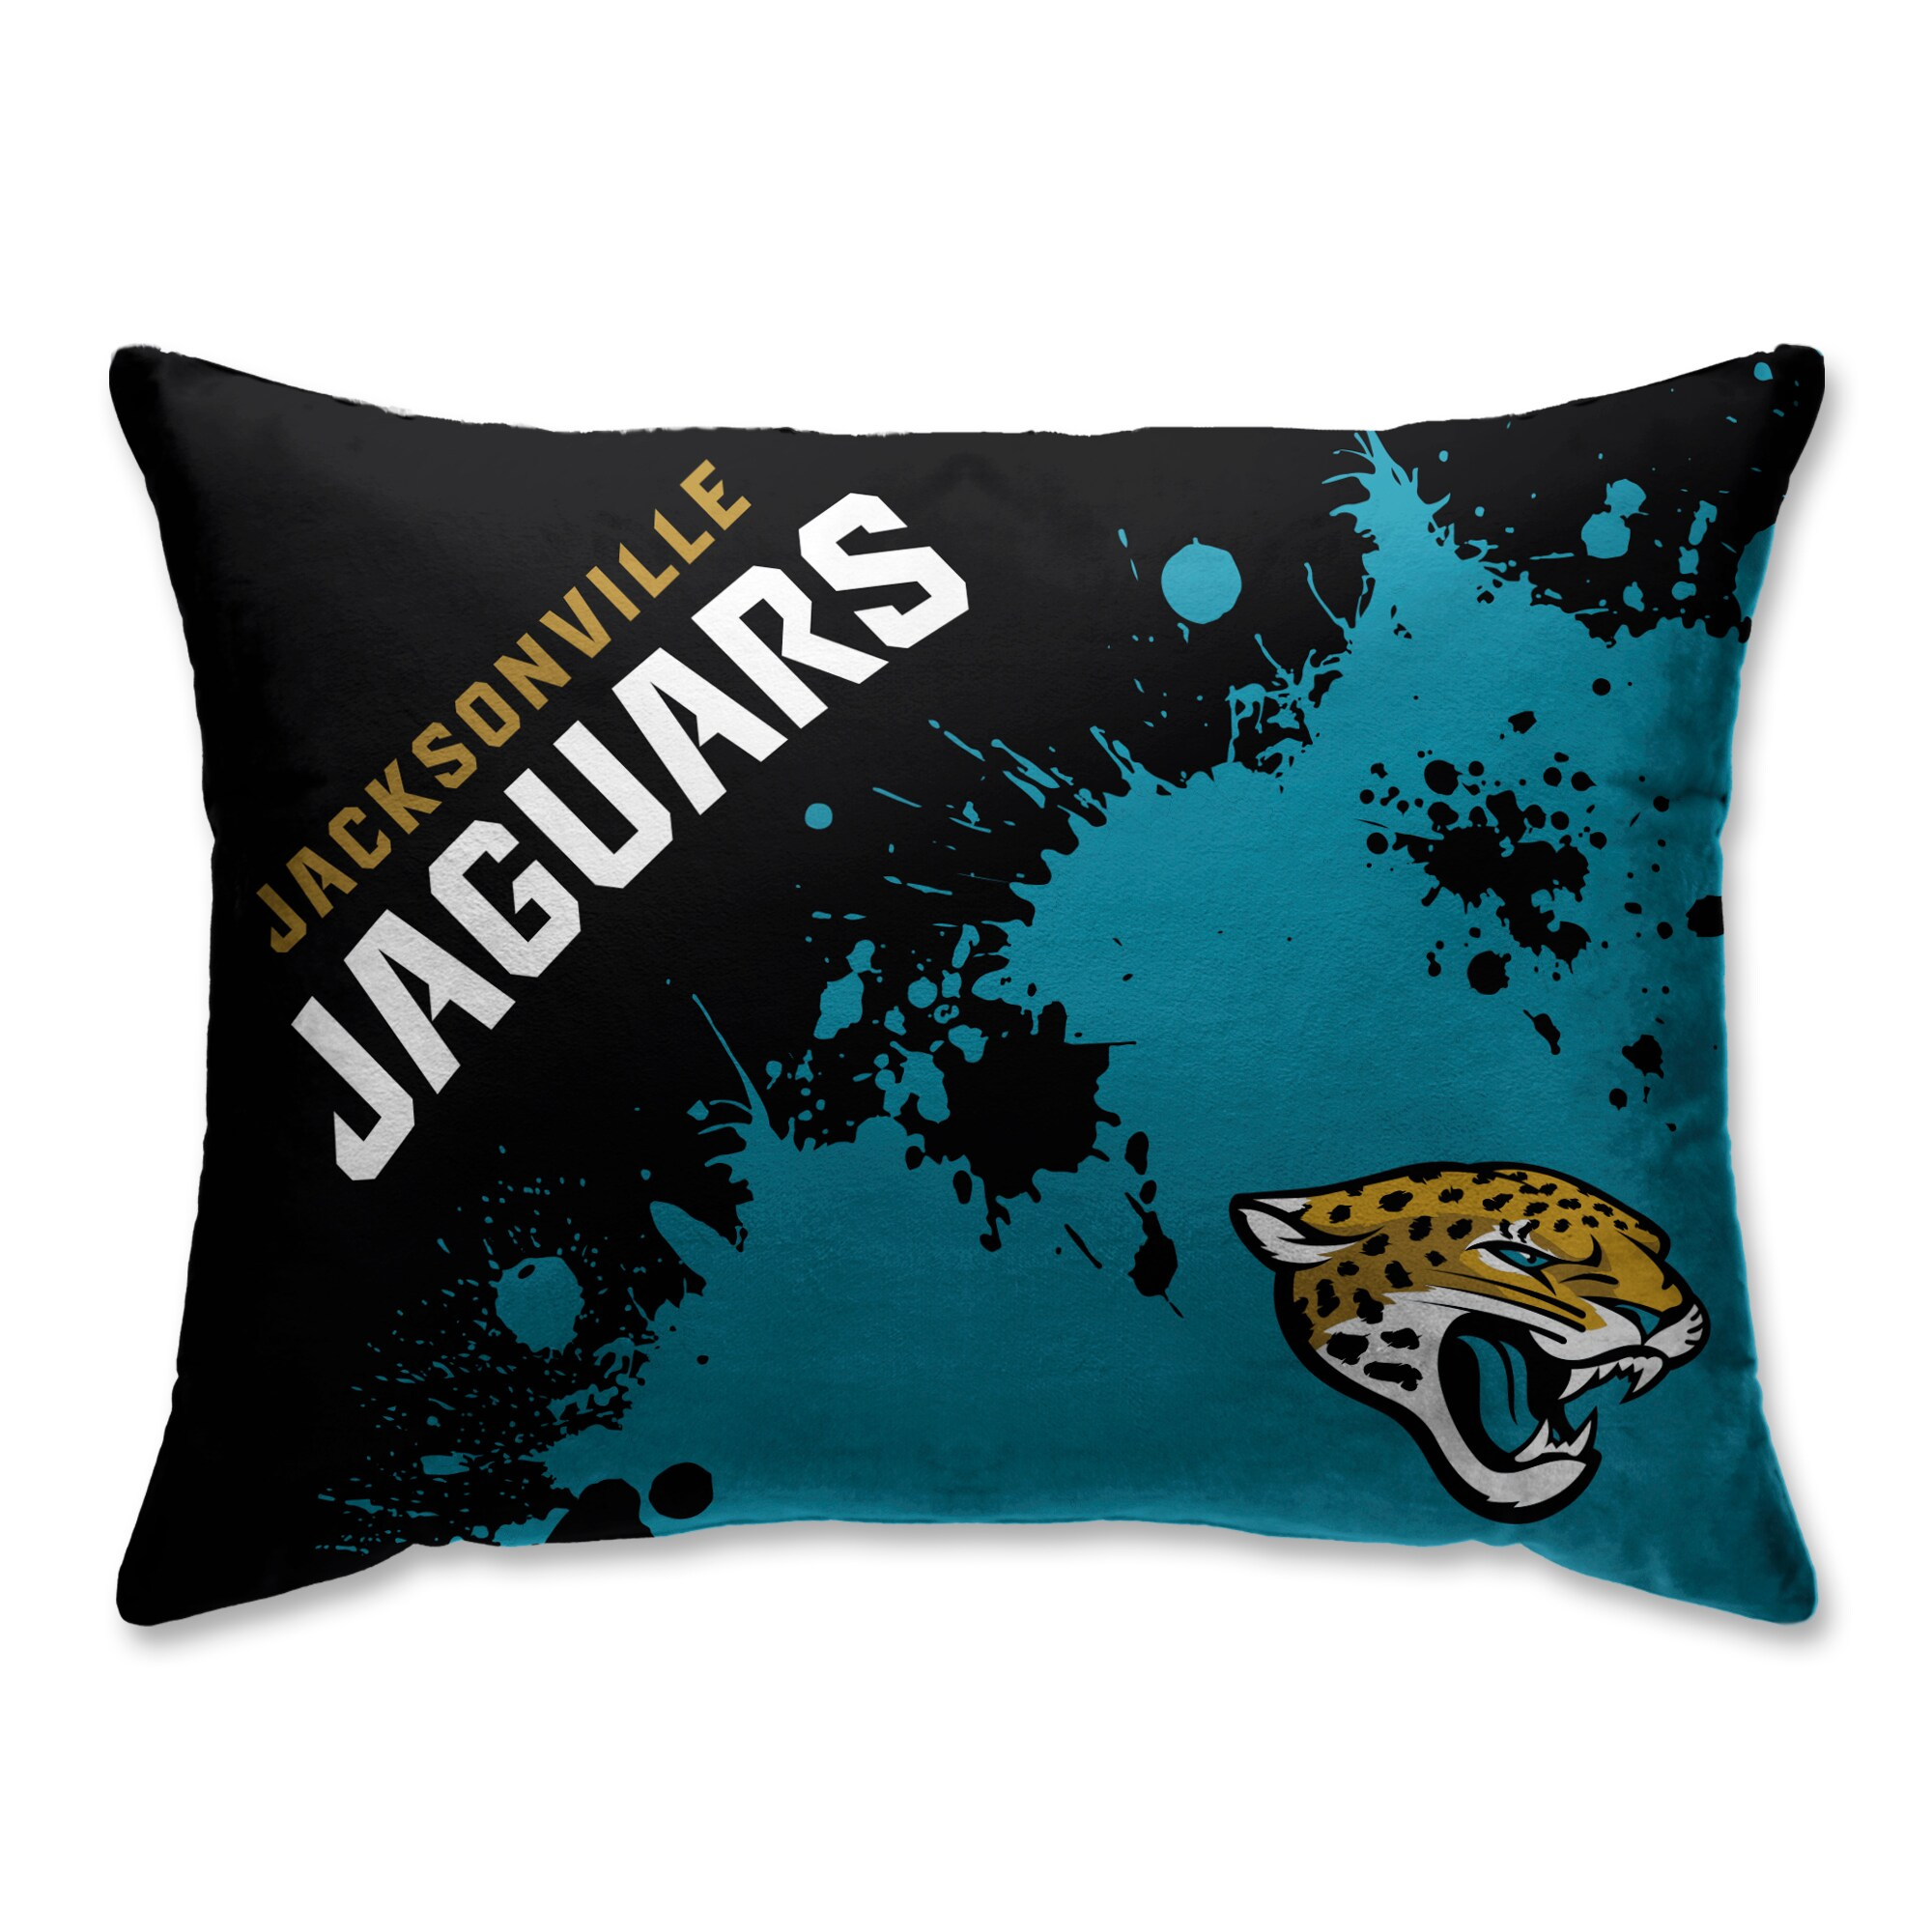 Jacksonville Jaguars Splatter Plush Bed Pillow - Green